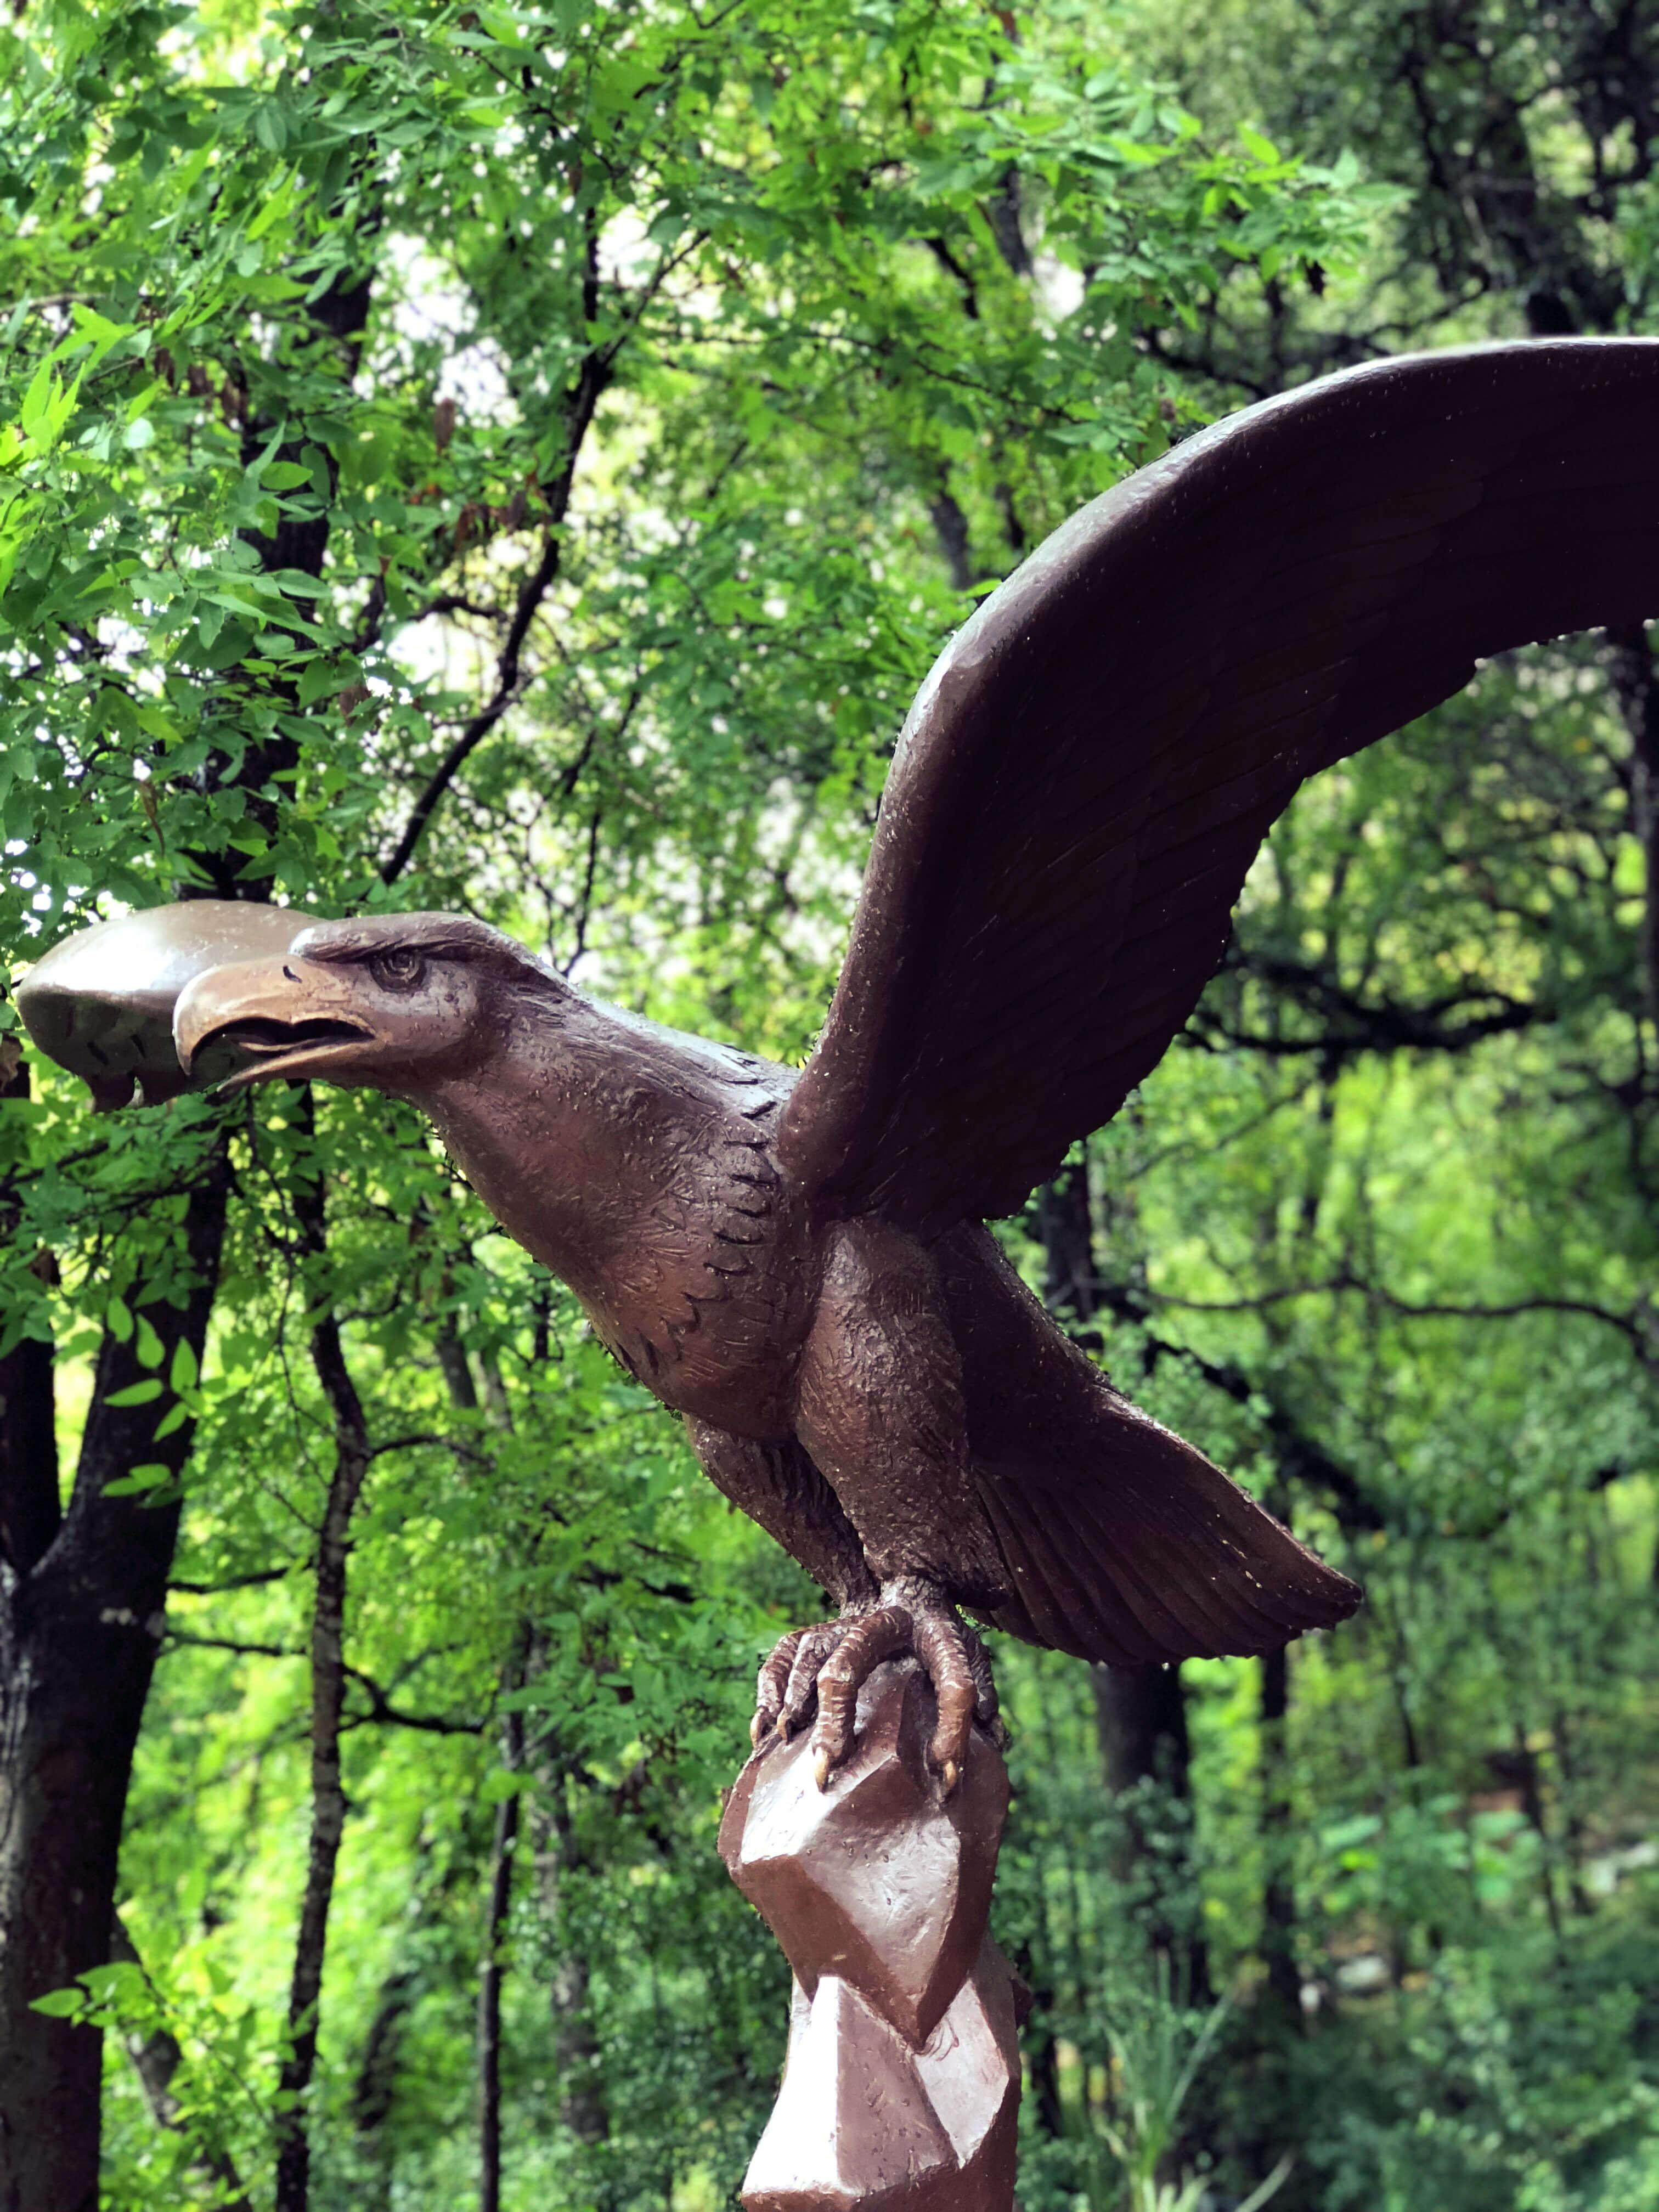 Eagle statue at the Umlauf Sculpture Garden in Austin, Texas